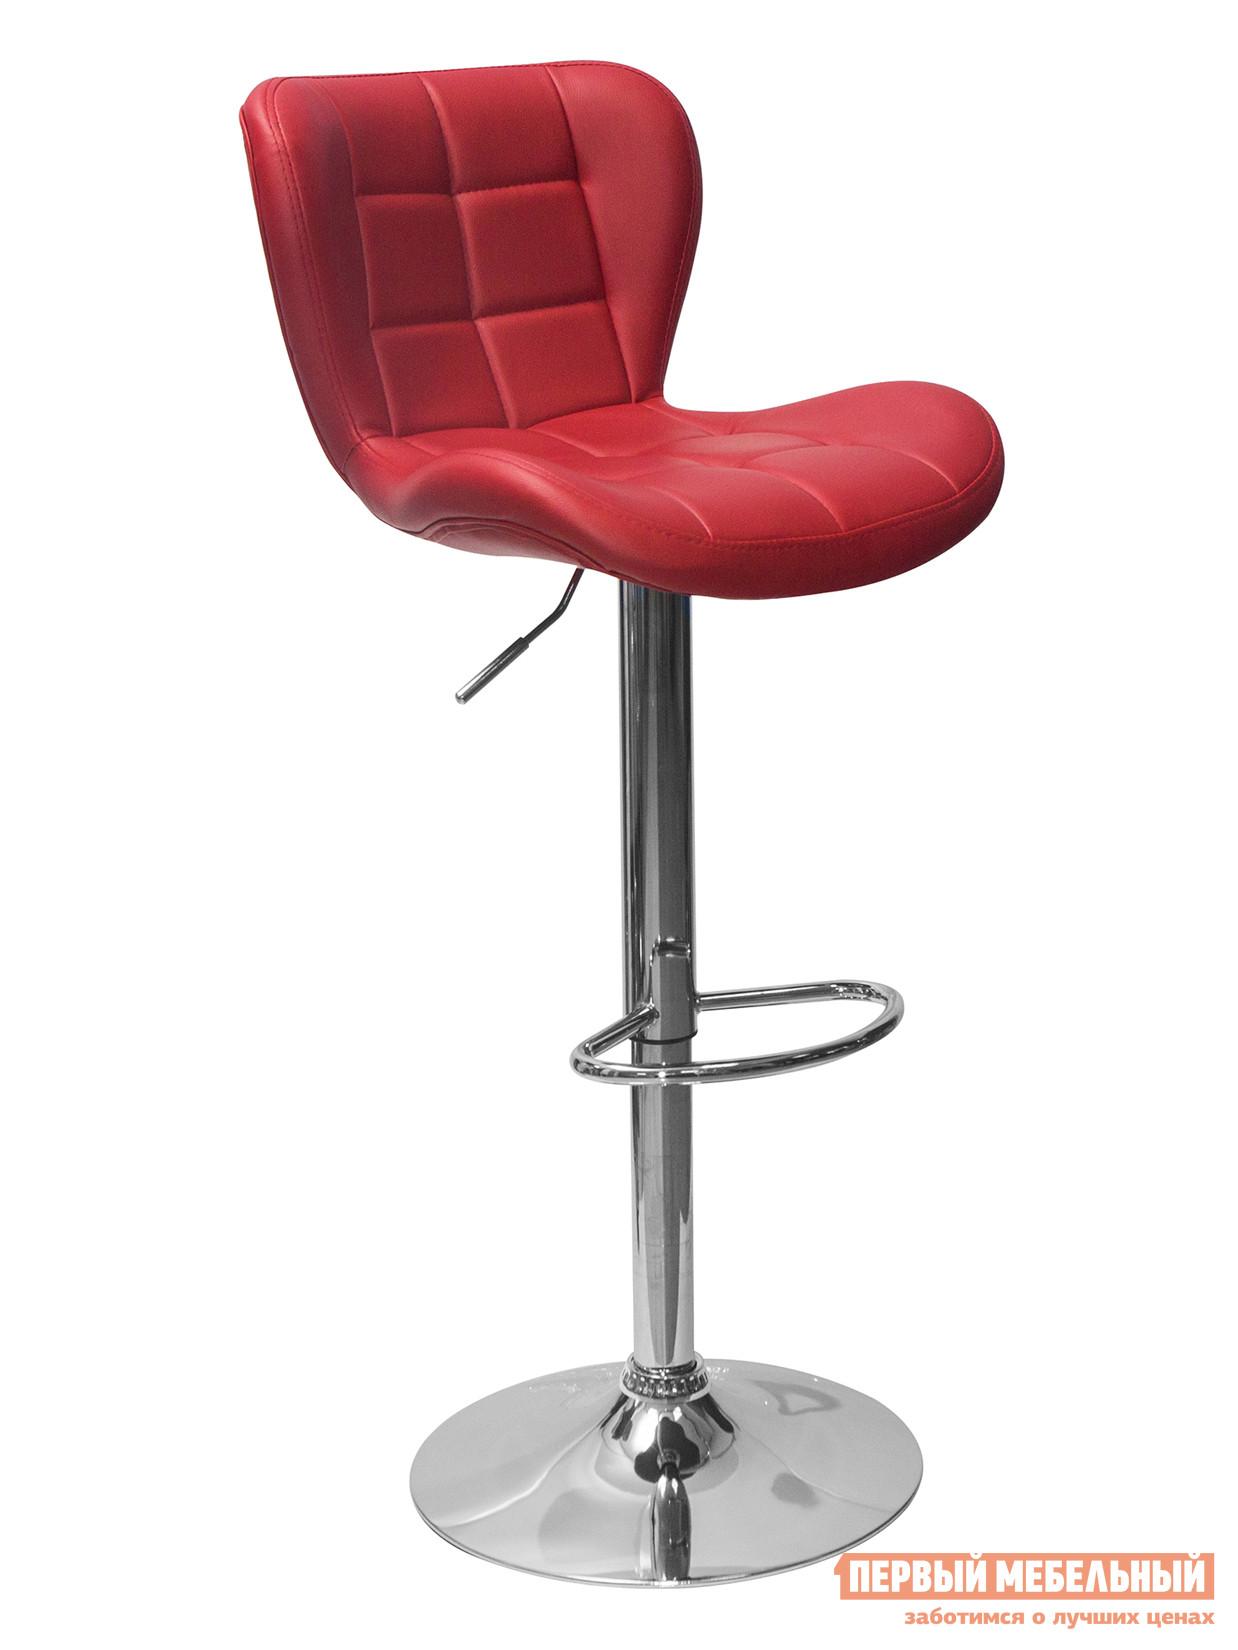 Барный стул Stool Group Стул барный ПОРШЕ хуа кай star барный стул стул ребенка стул отдыха стул барный стул прием барный стул стулья hk103 черный